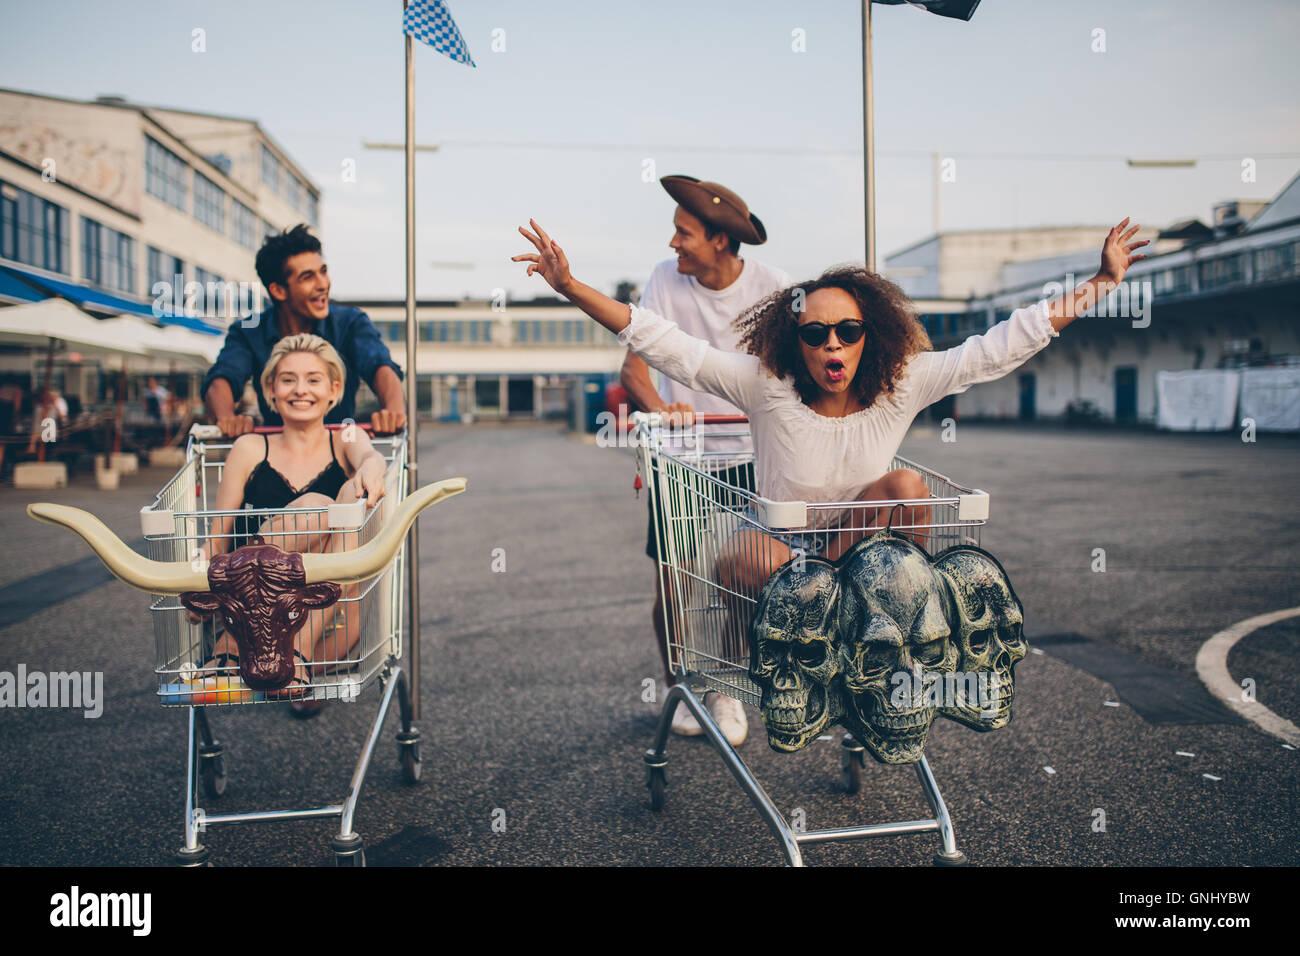 Jeunes amis s'amusant sur un panier. Les jeunes multiethniques racing sur panier. Banque D'Images